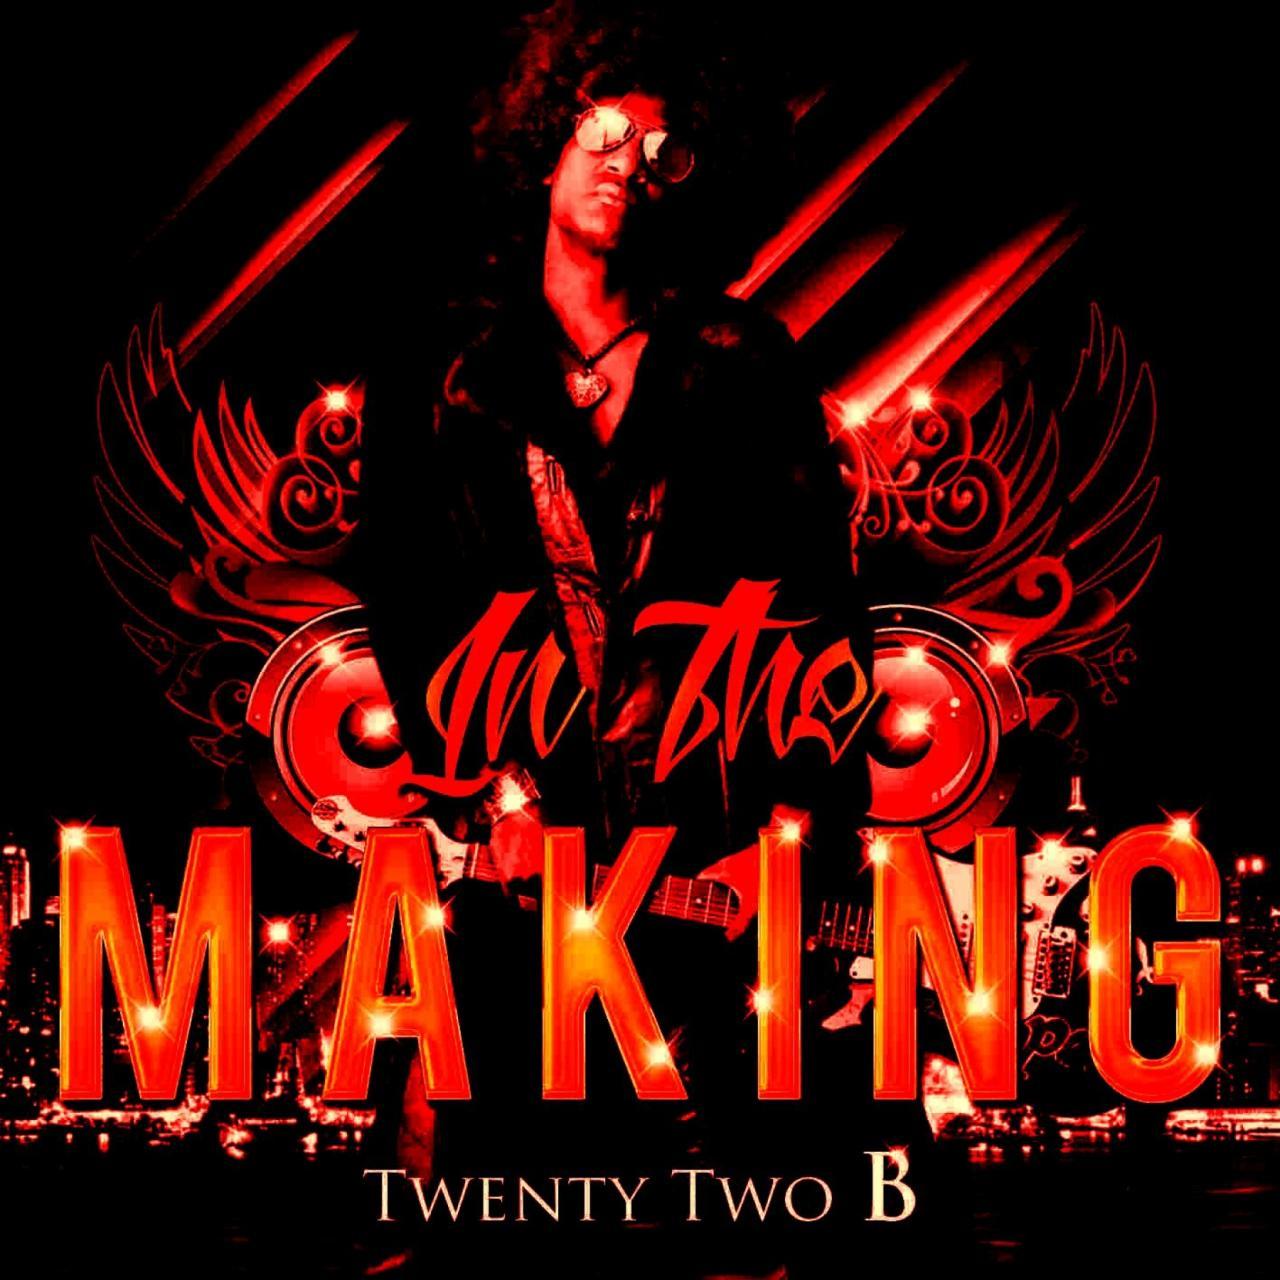 Twenty Two B 5